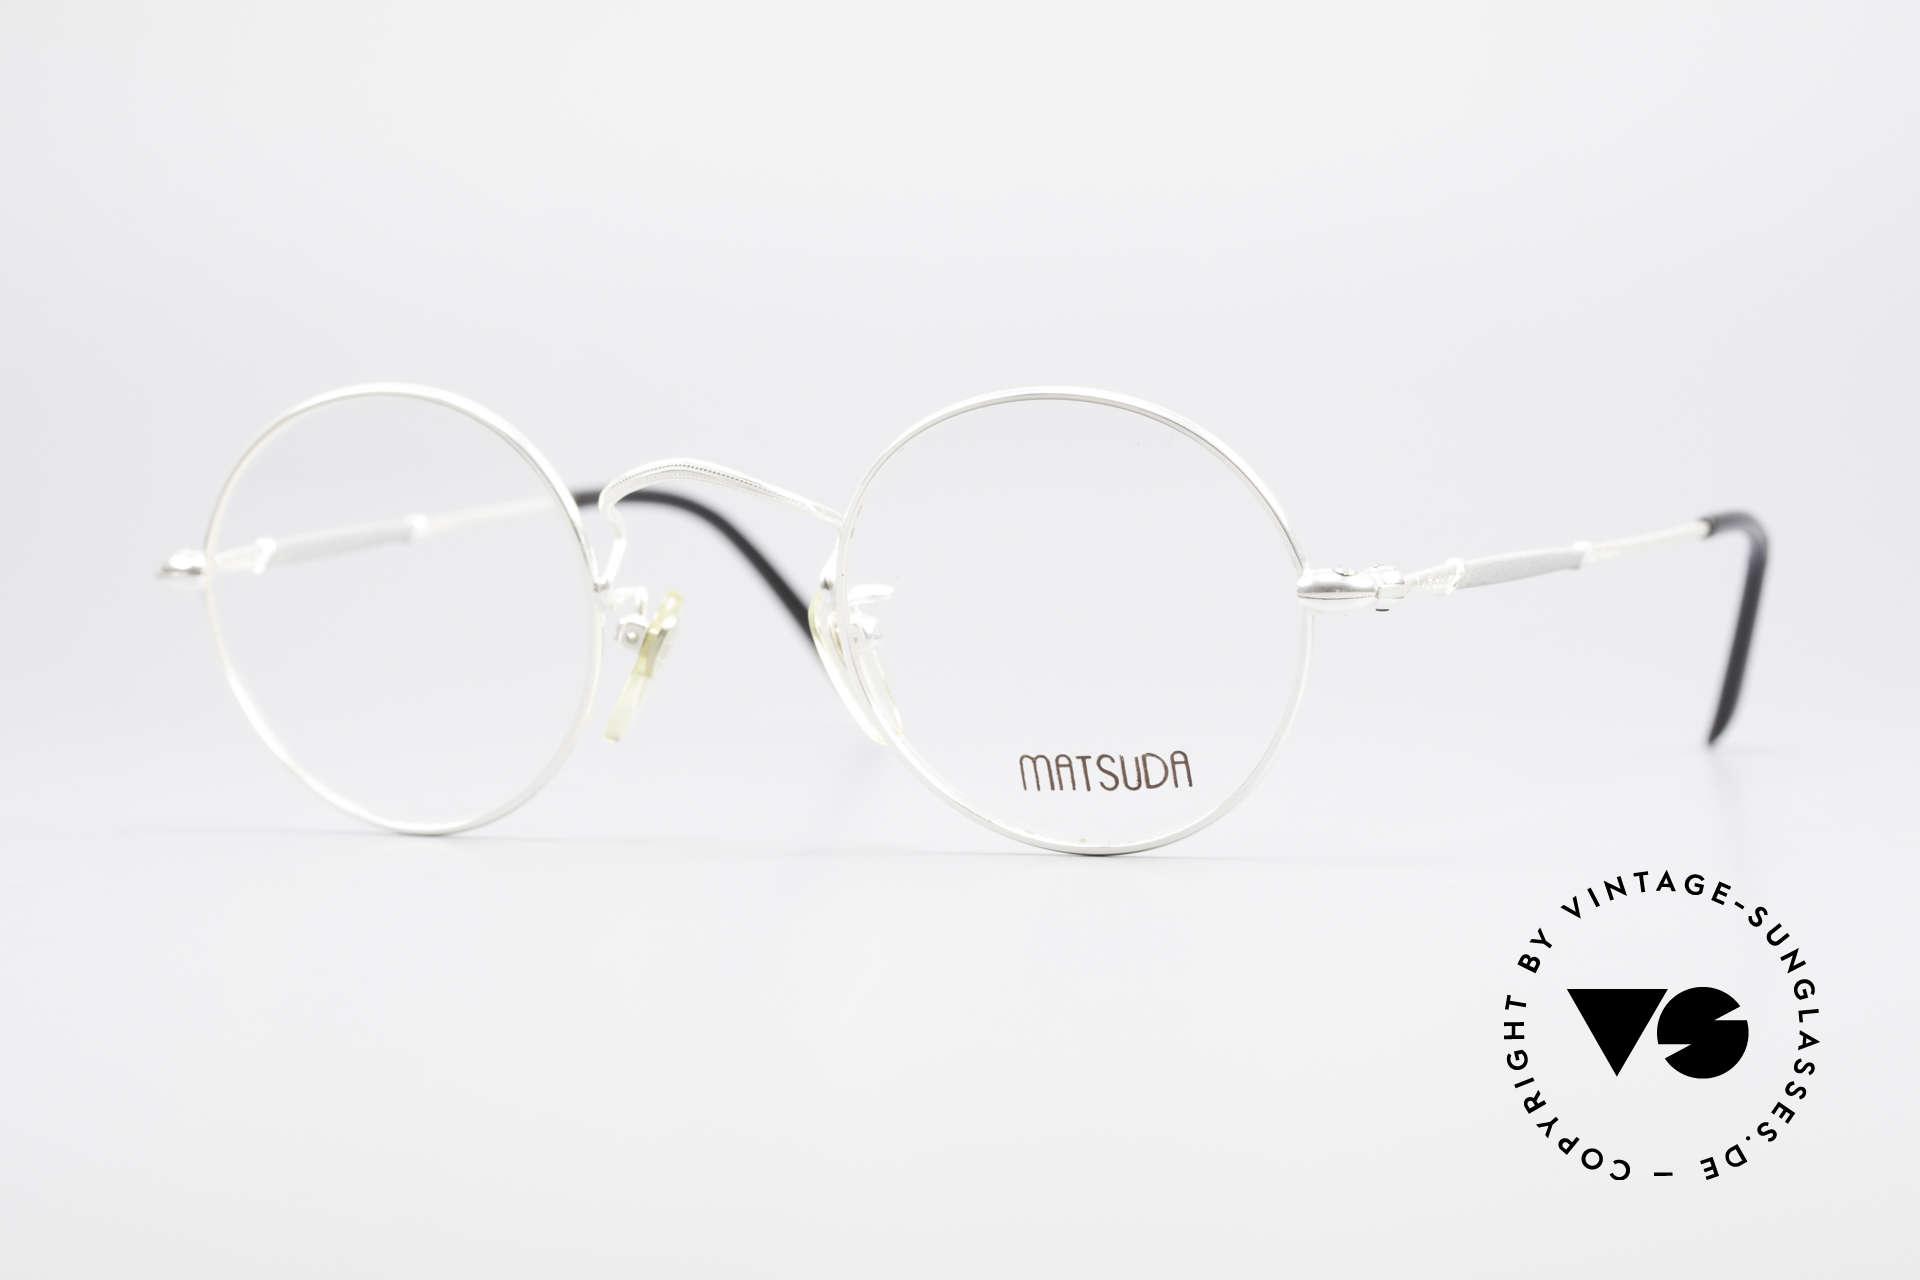 Matsuda 2872 90er Designer Brille Rund, runde 1990er vintage MATSUDA Designer-Brillenfassung, Passend für Herren und Damen